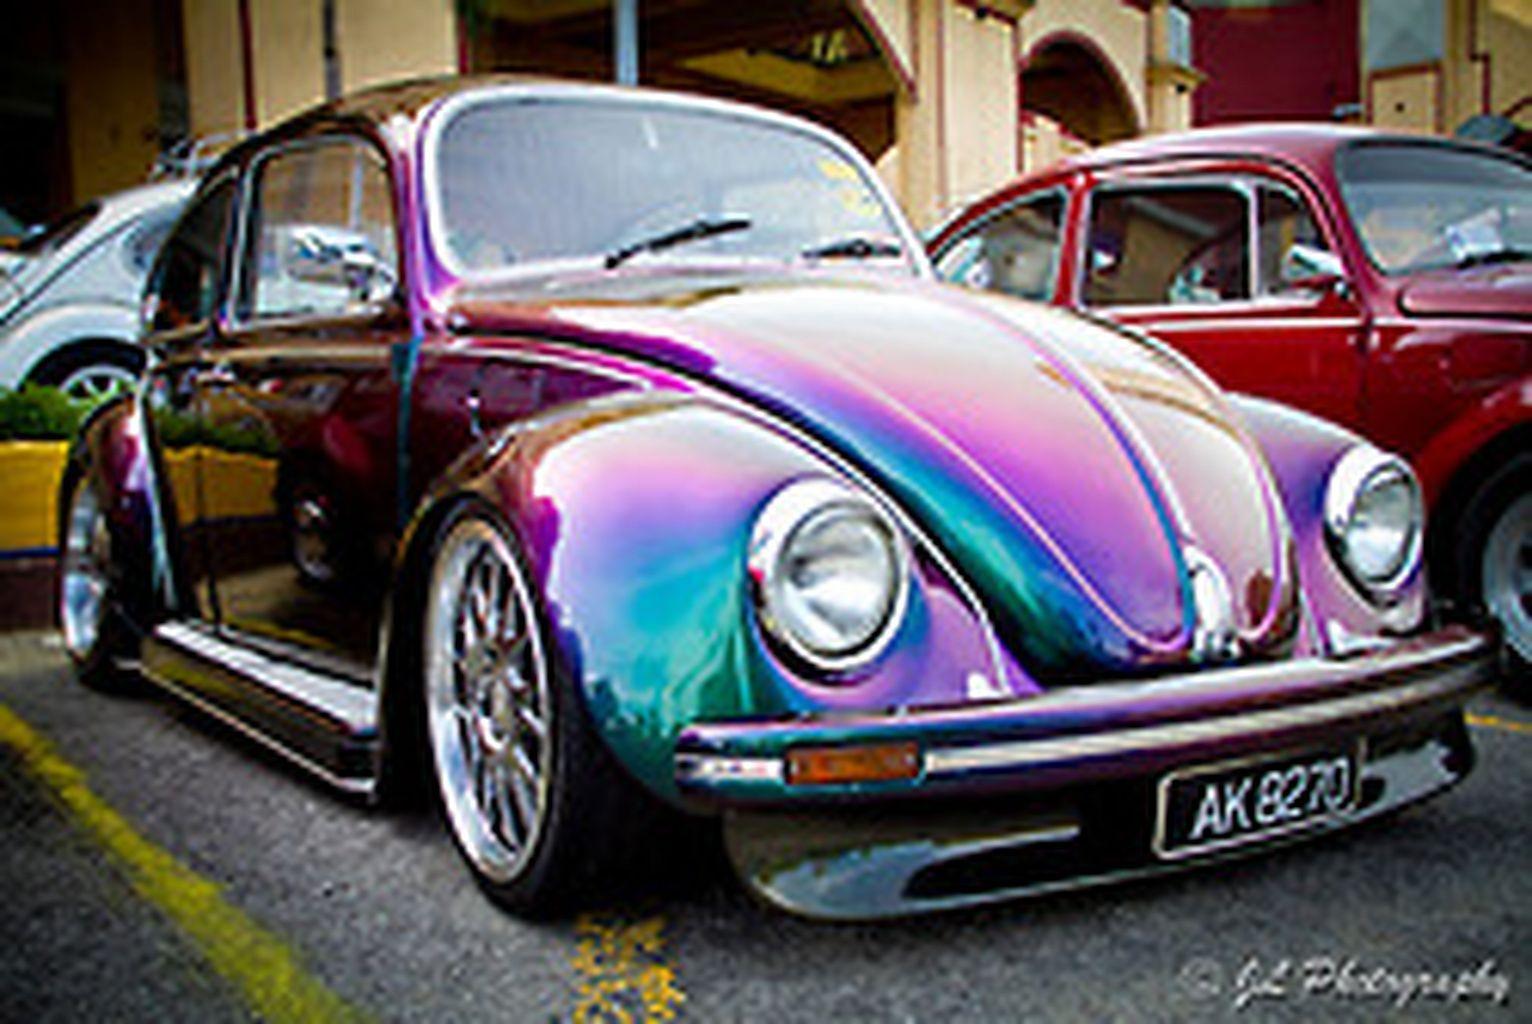 Best 34 Chameleon Paint Cars Purple Trending Https Www Mobmasker